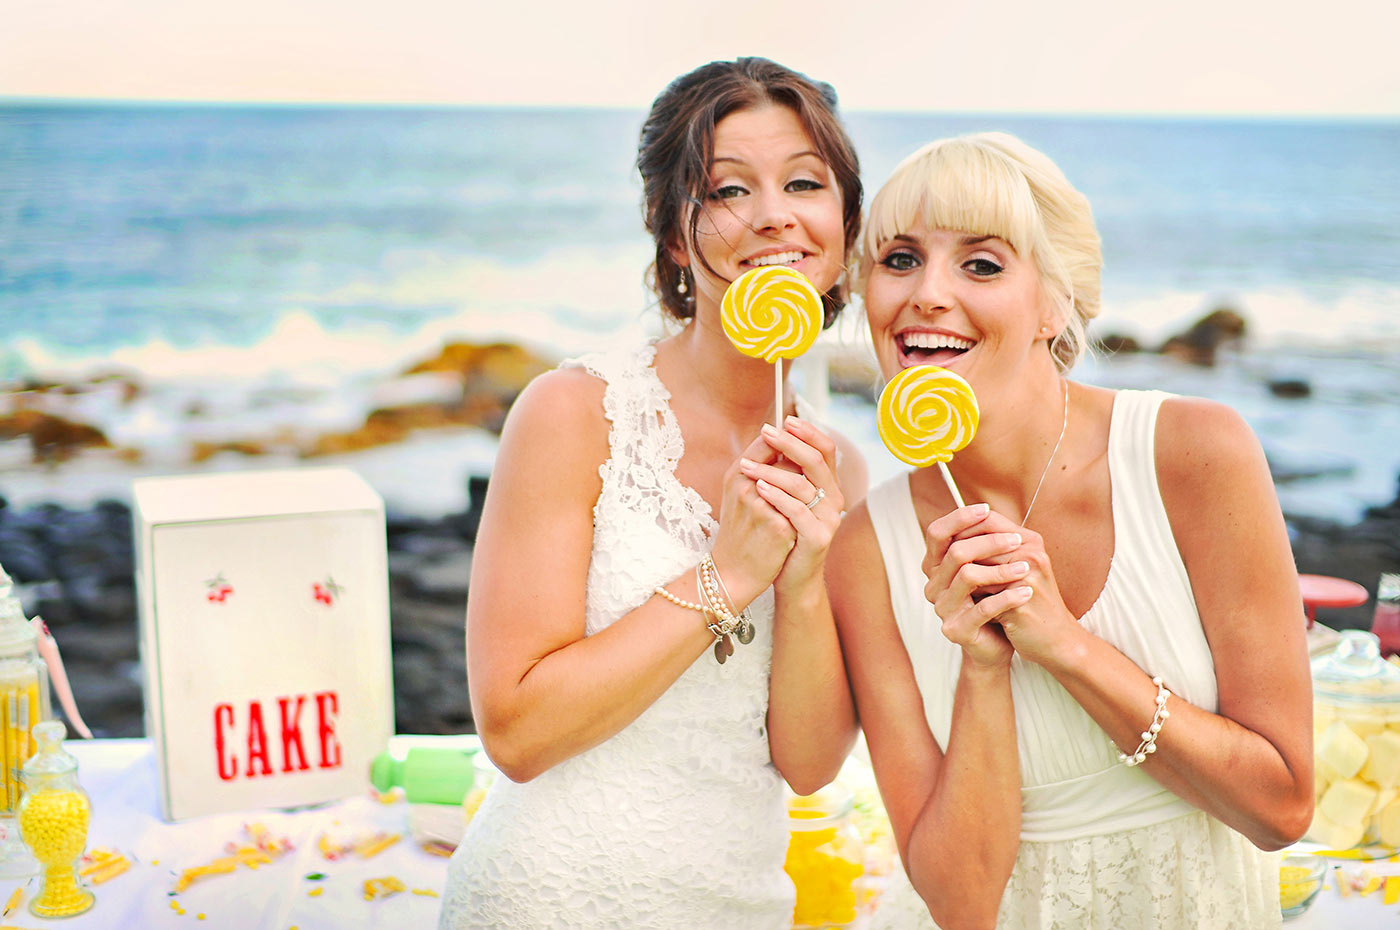 Kauai-Island-Hawaii-wedding-photo-(18).jpg